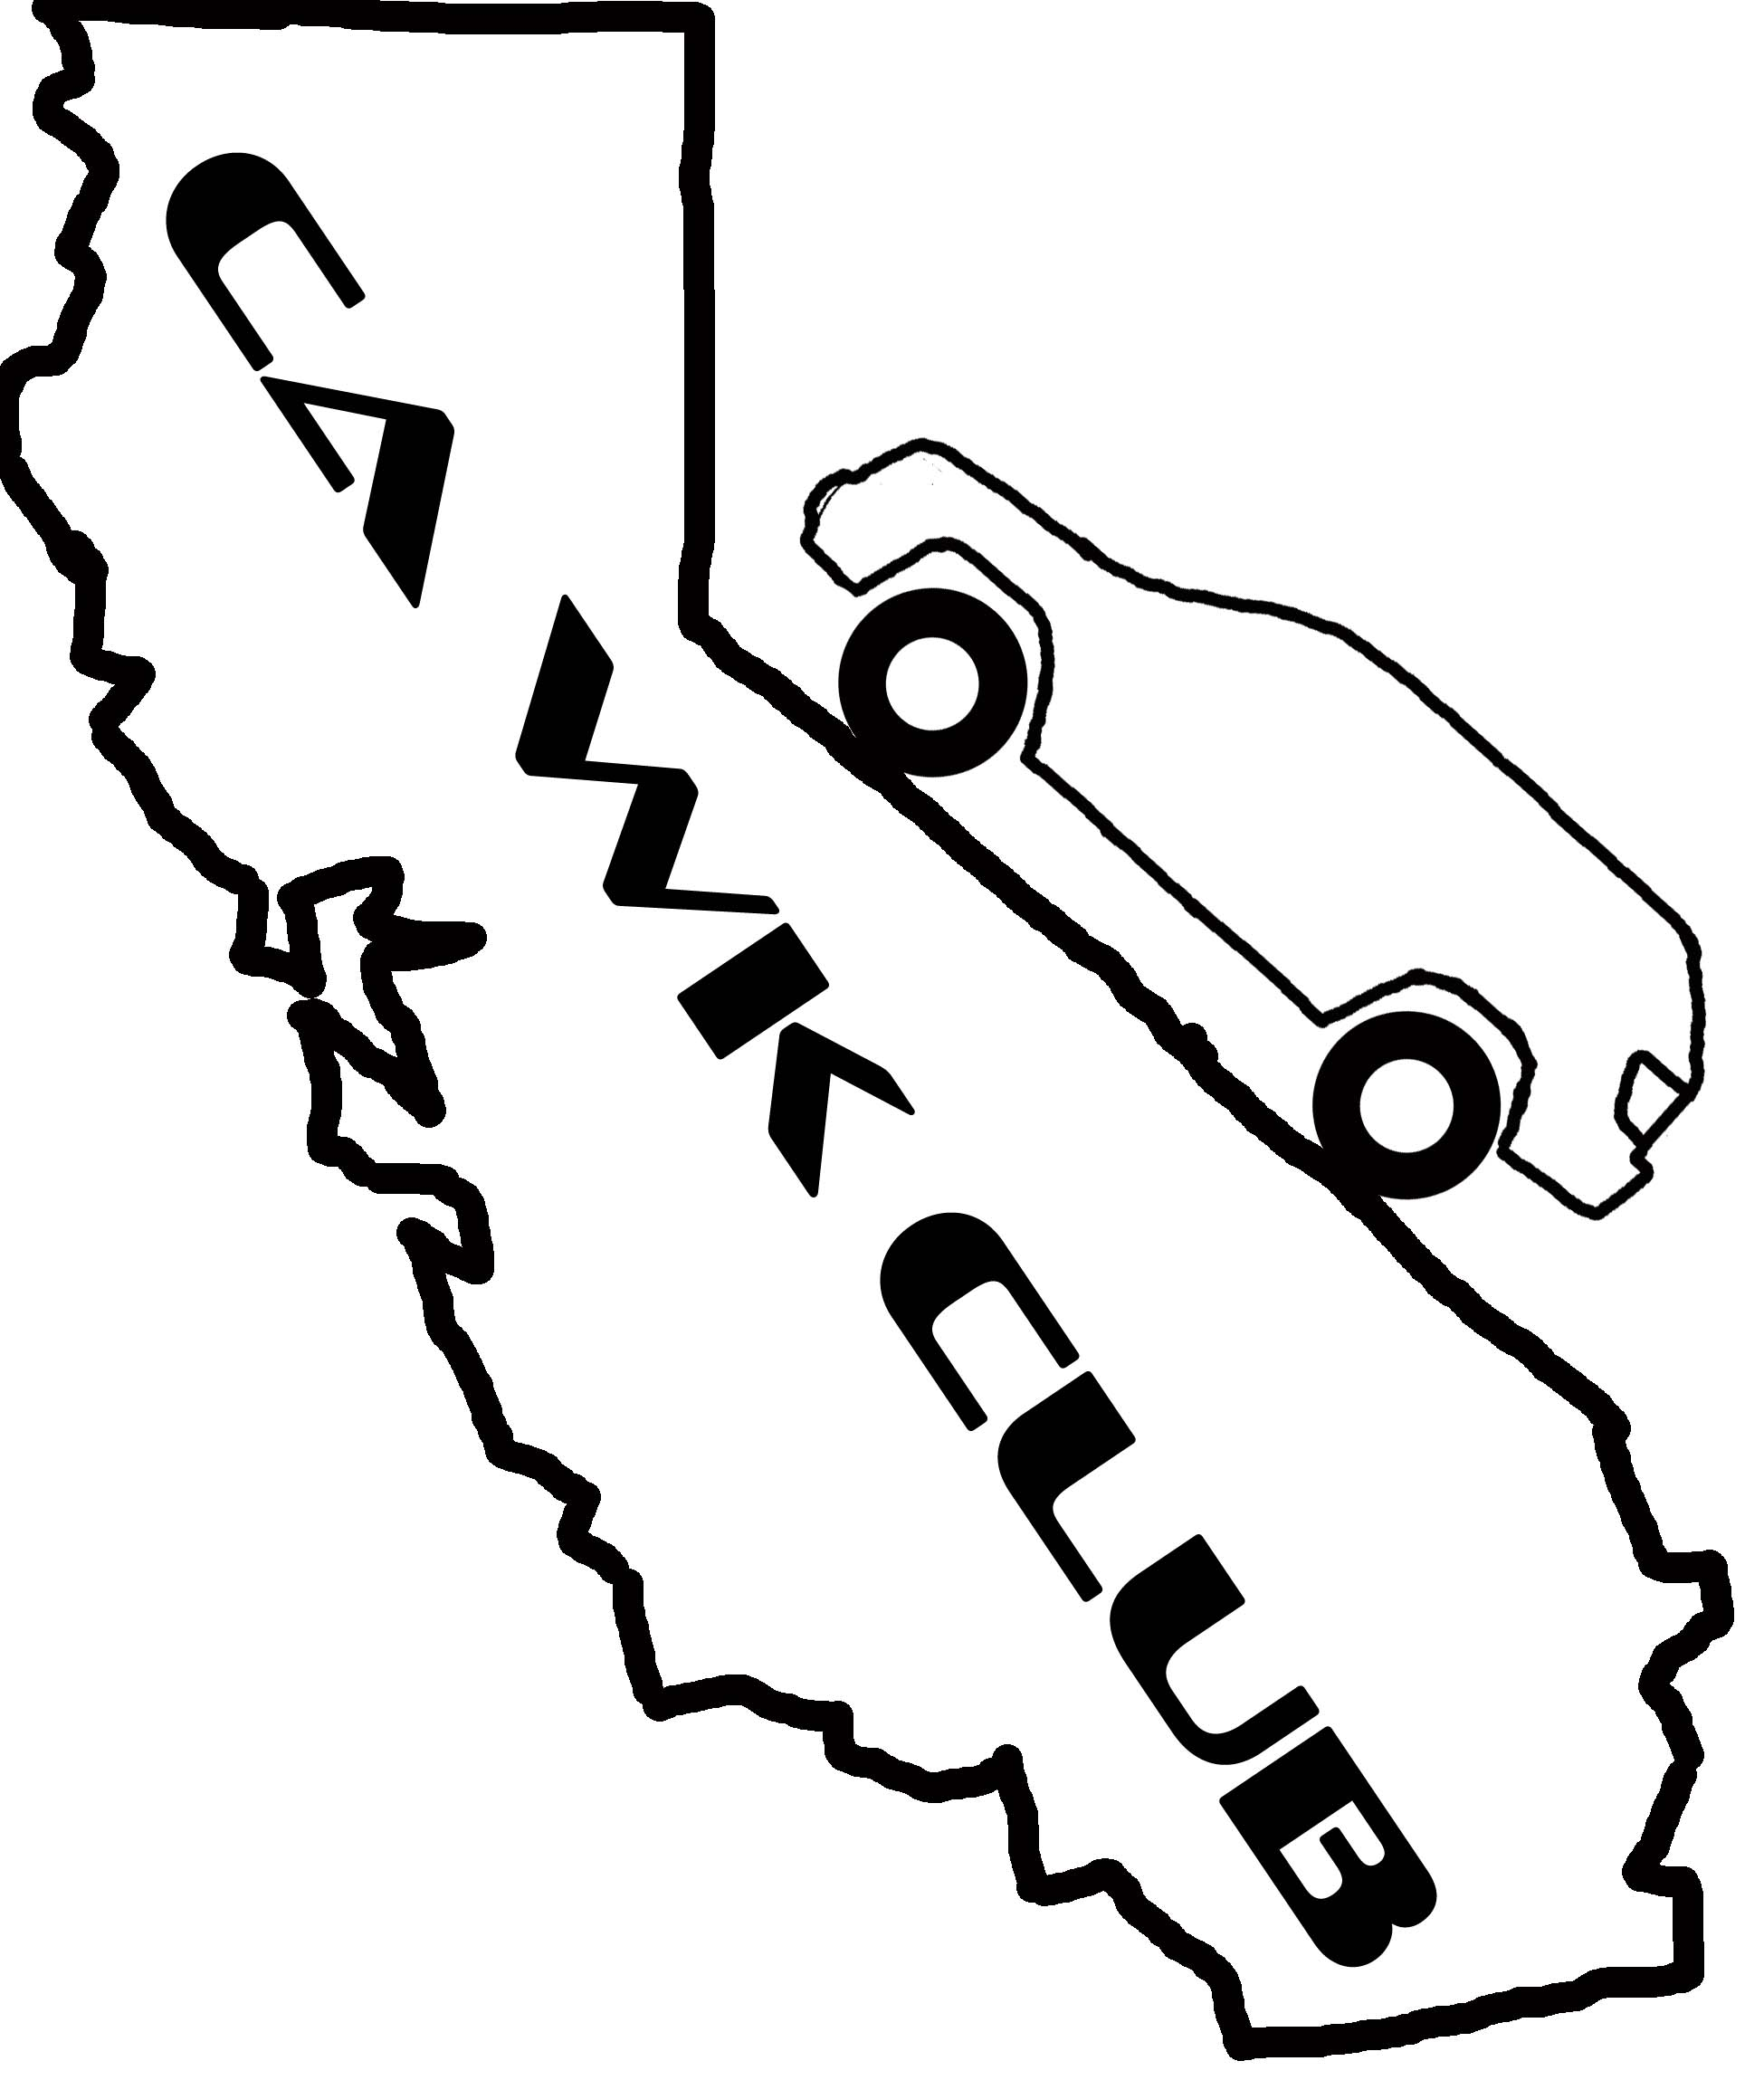 cawkclub.jpg